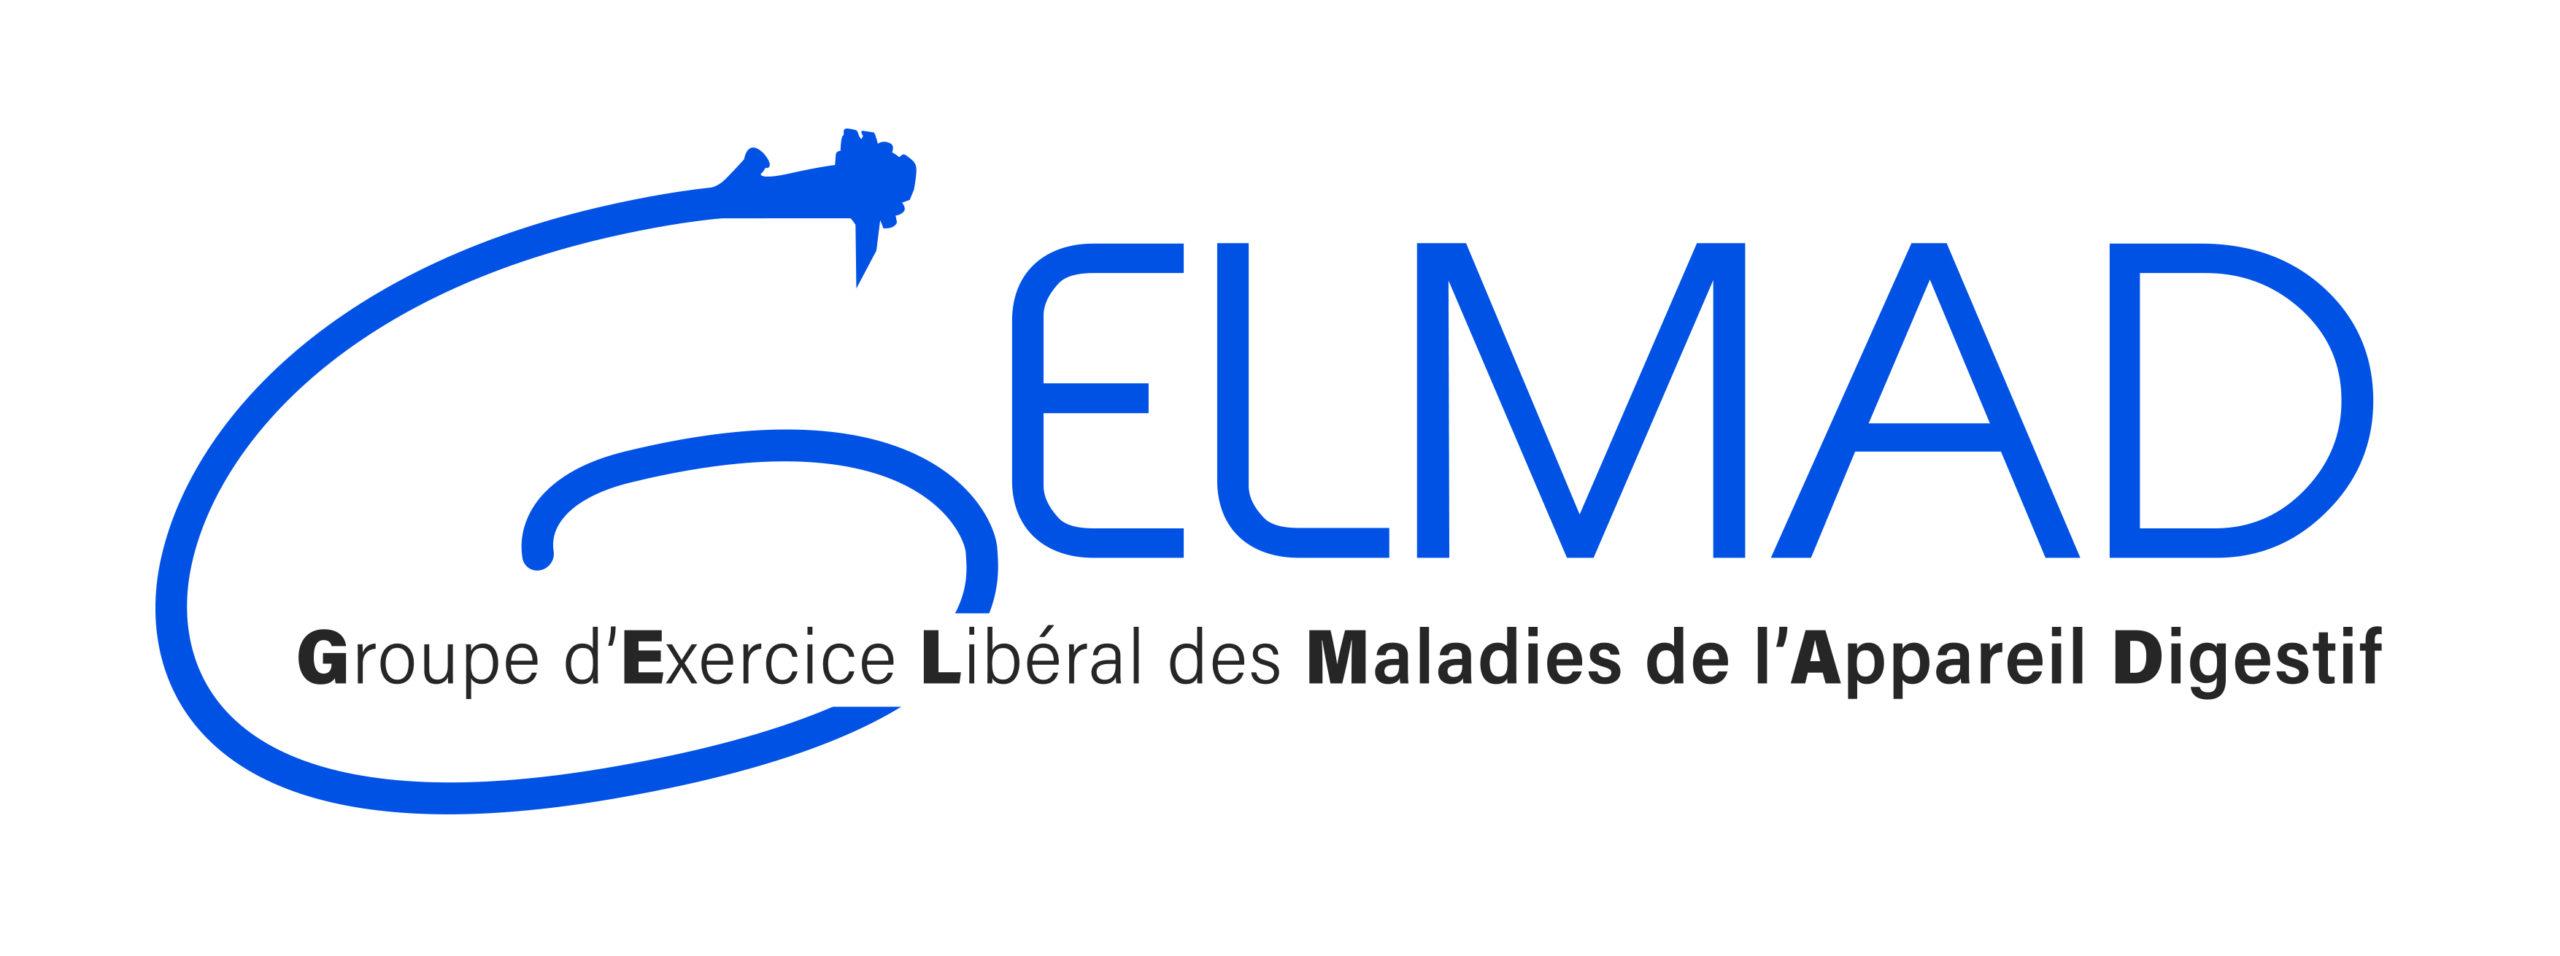 logo des gastro-entérologues libérauxlyonnais du Groupe d'exercice Libéral des Maladie de l'Appareil DIgestif